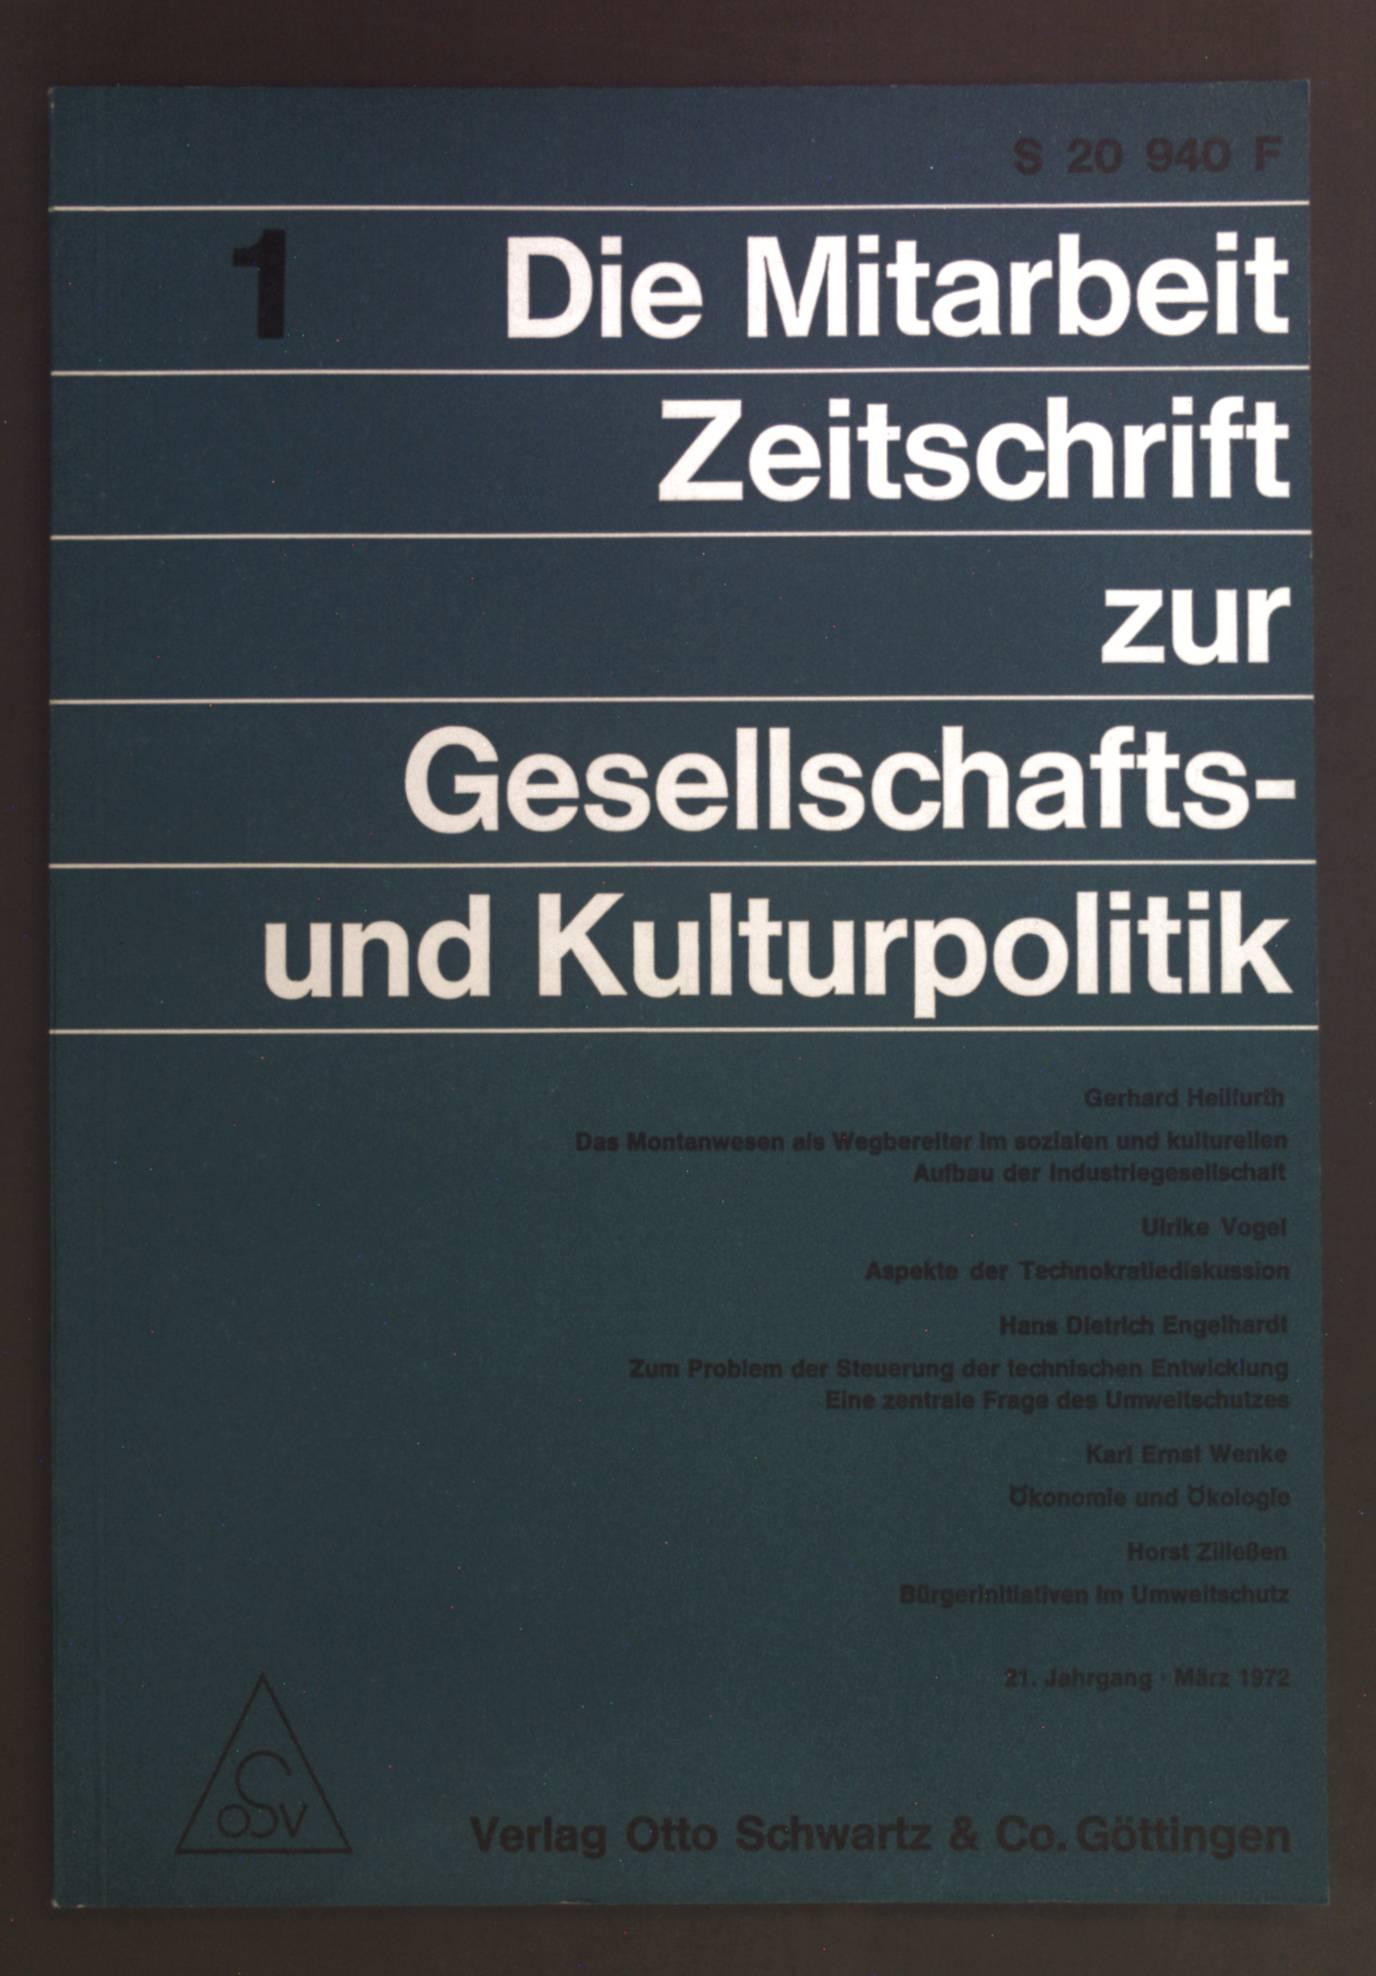 Aspekte der Technokratiediskussion. - in: Die Mitarbeit.: Vogel, Ulrike: